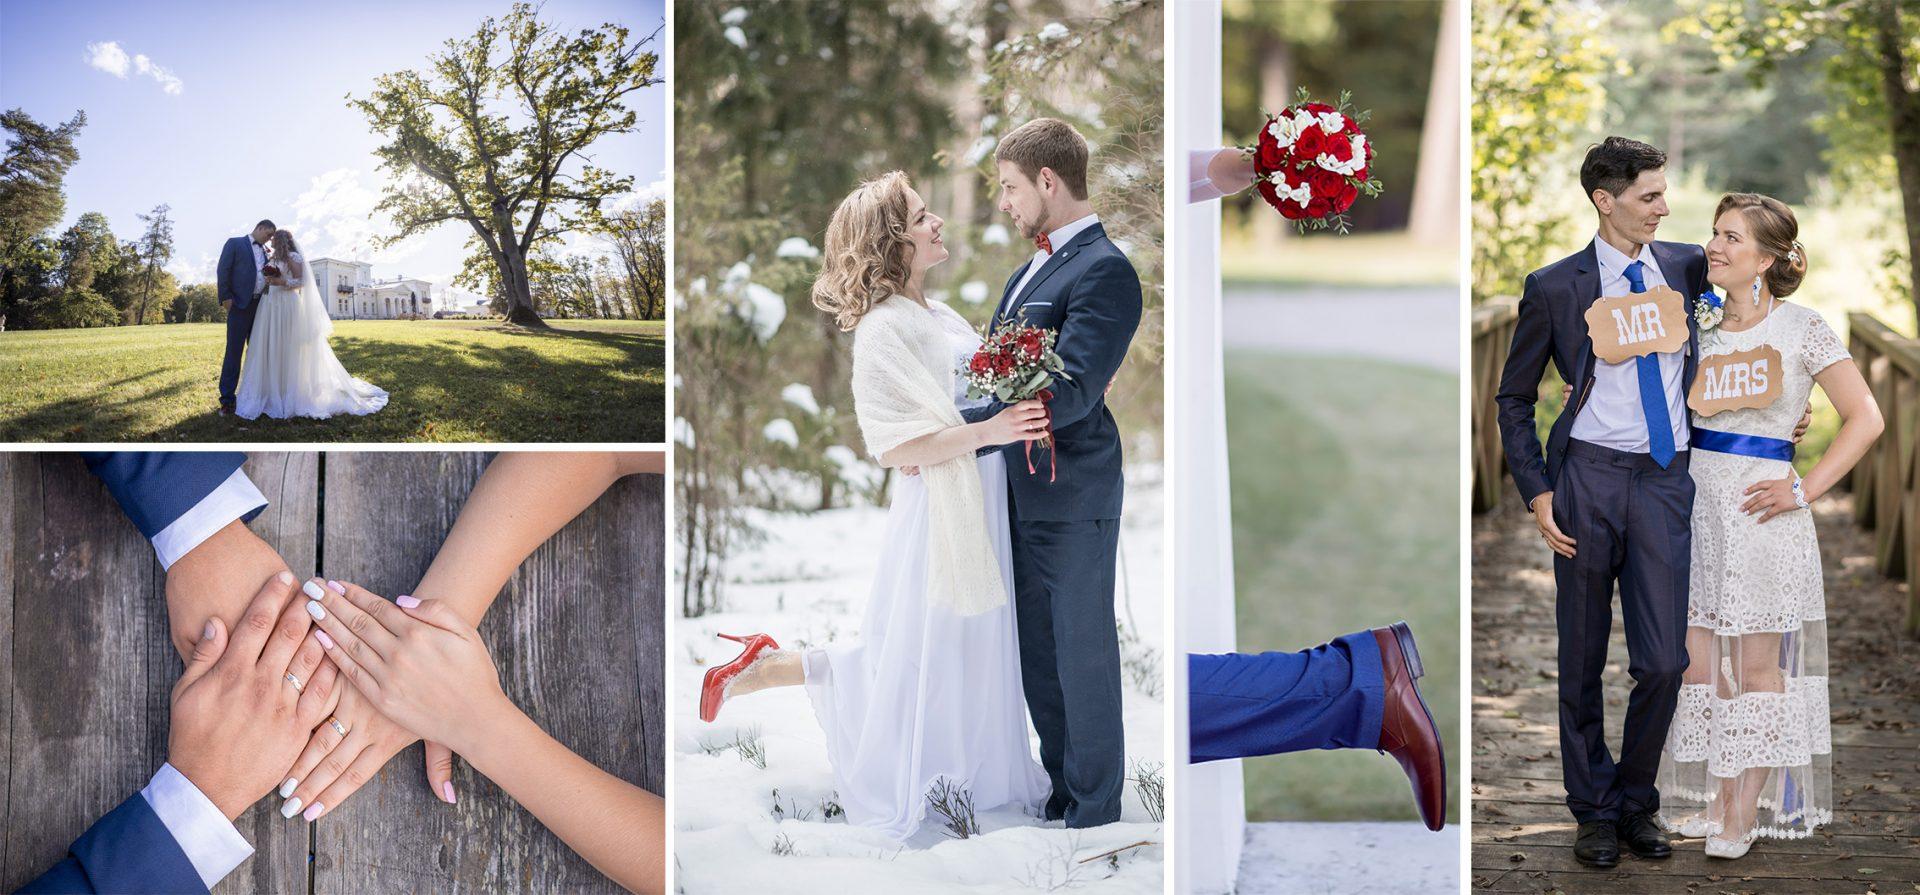 vestuvės-2018